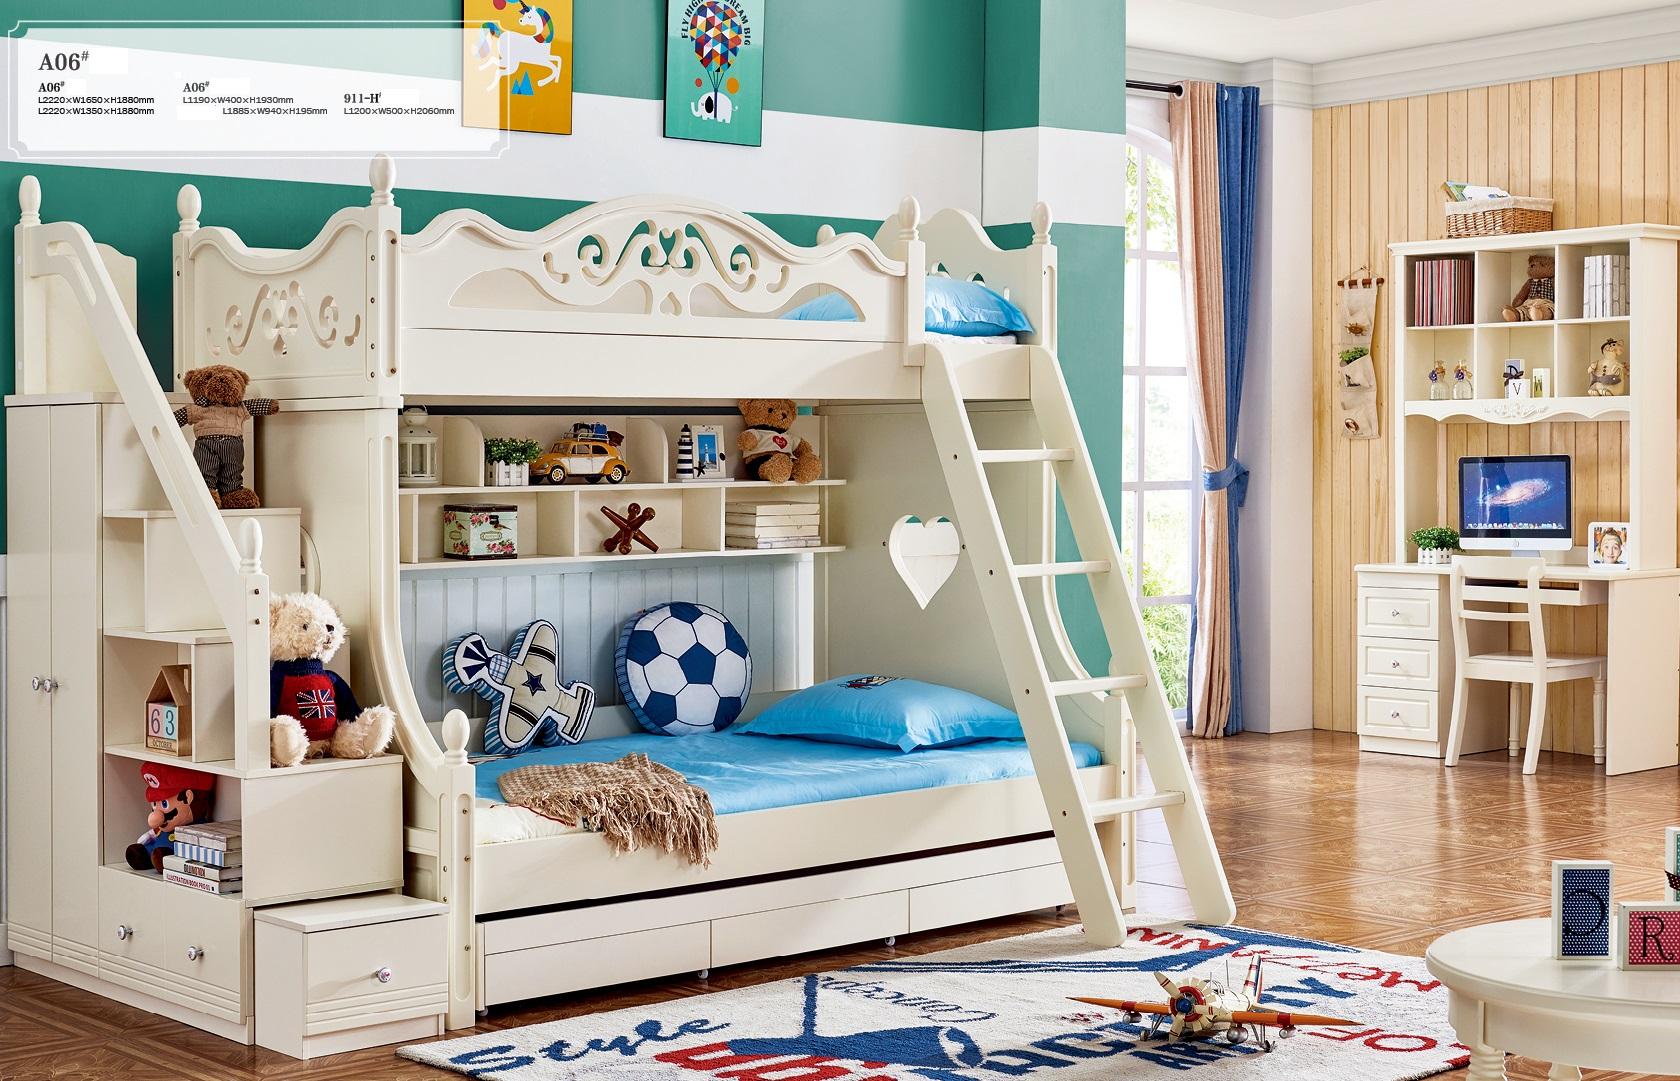 Etagenbett Ratenkauf : Schlafzimmer tlg inkl etagenbett u kleiderschrank trg